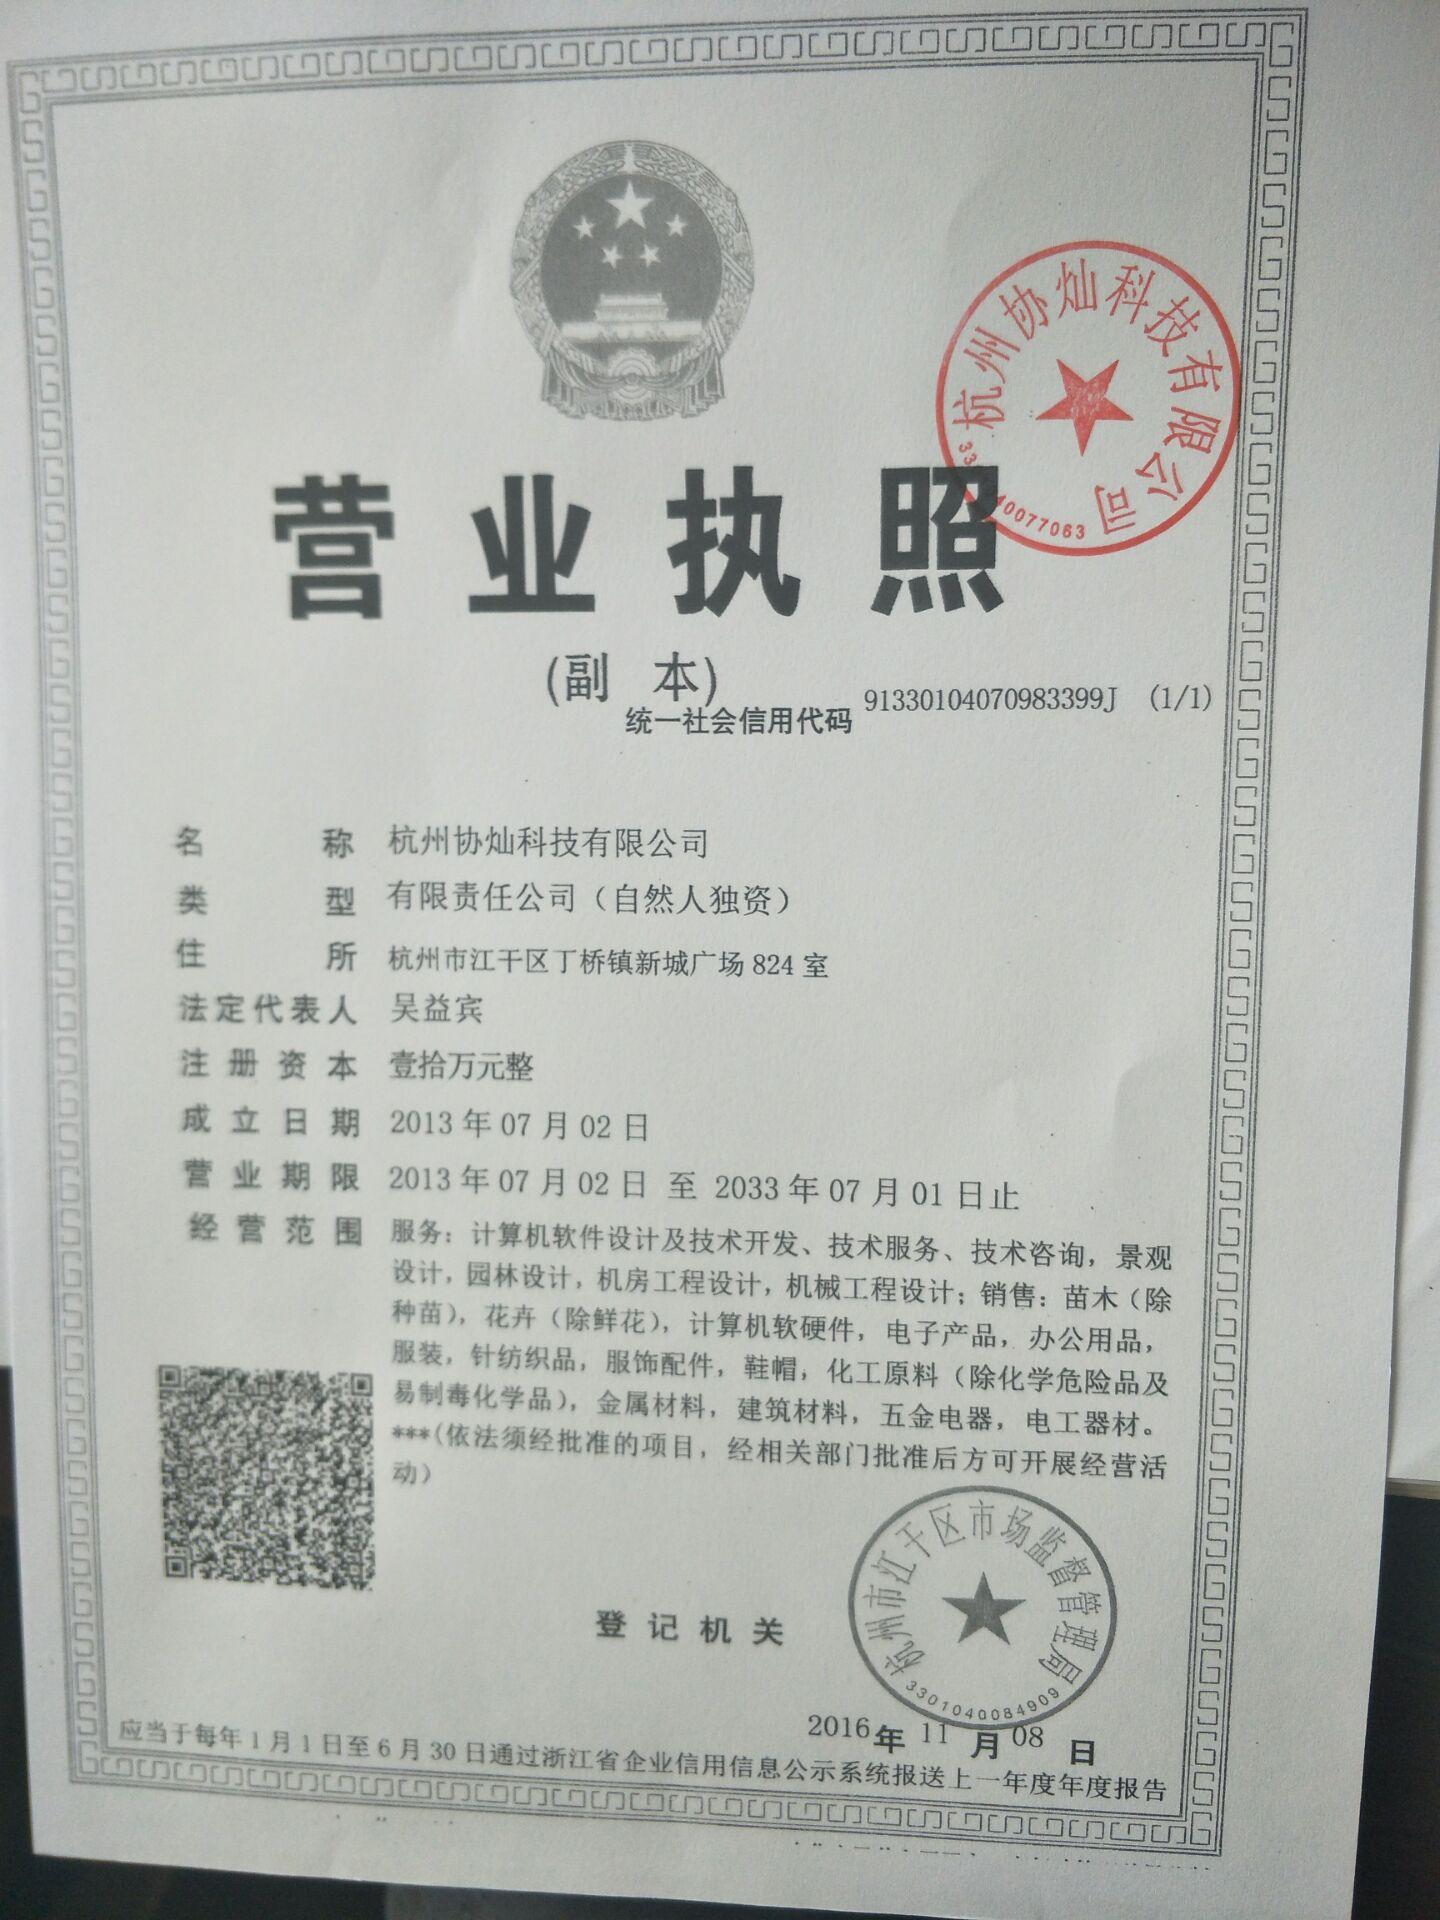 杭州协灿科技有限公司